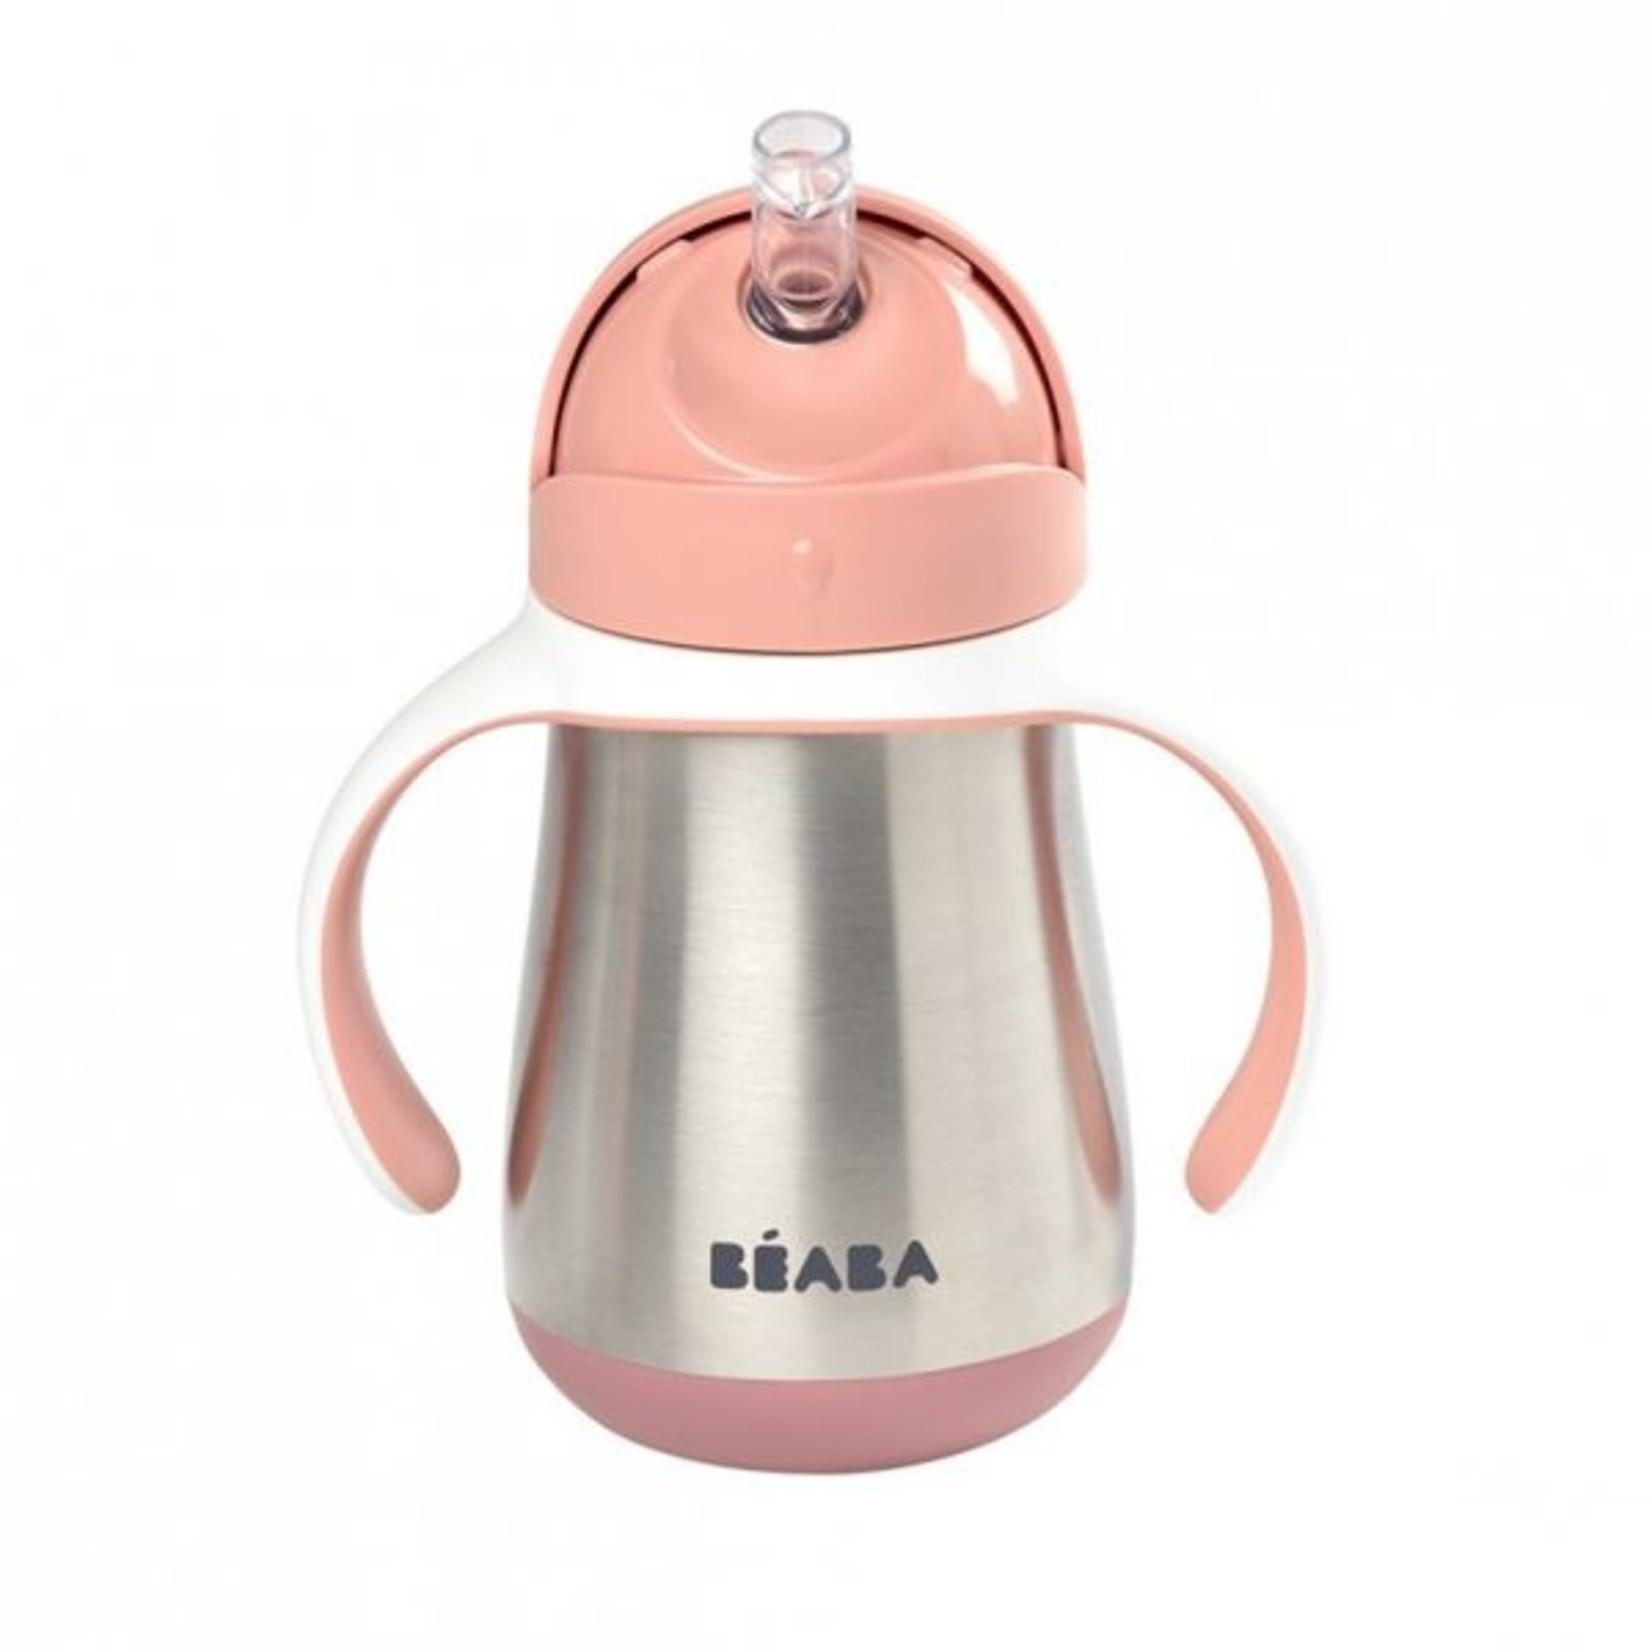 Beaba Beaba Inox Drinkbeker Rietje 250ml Roze